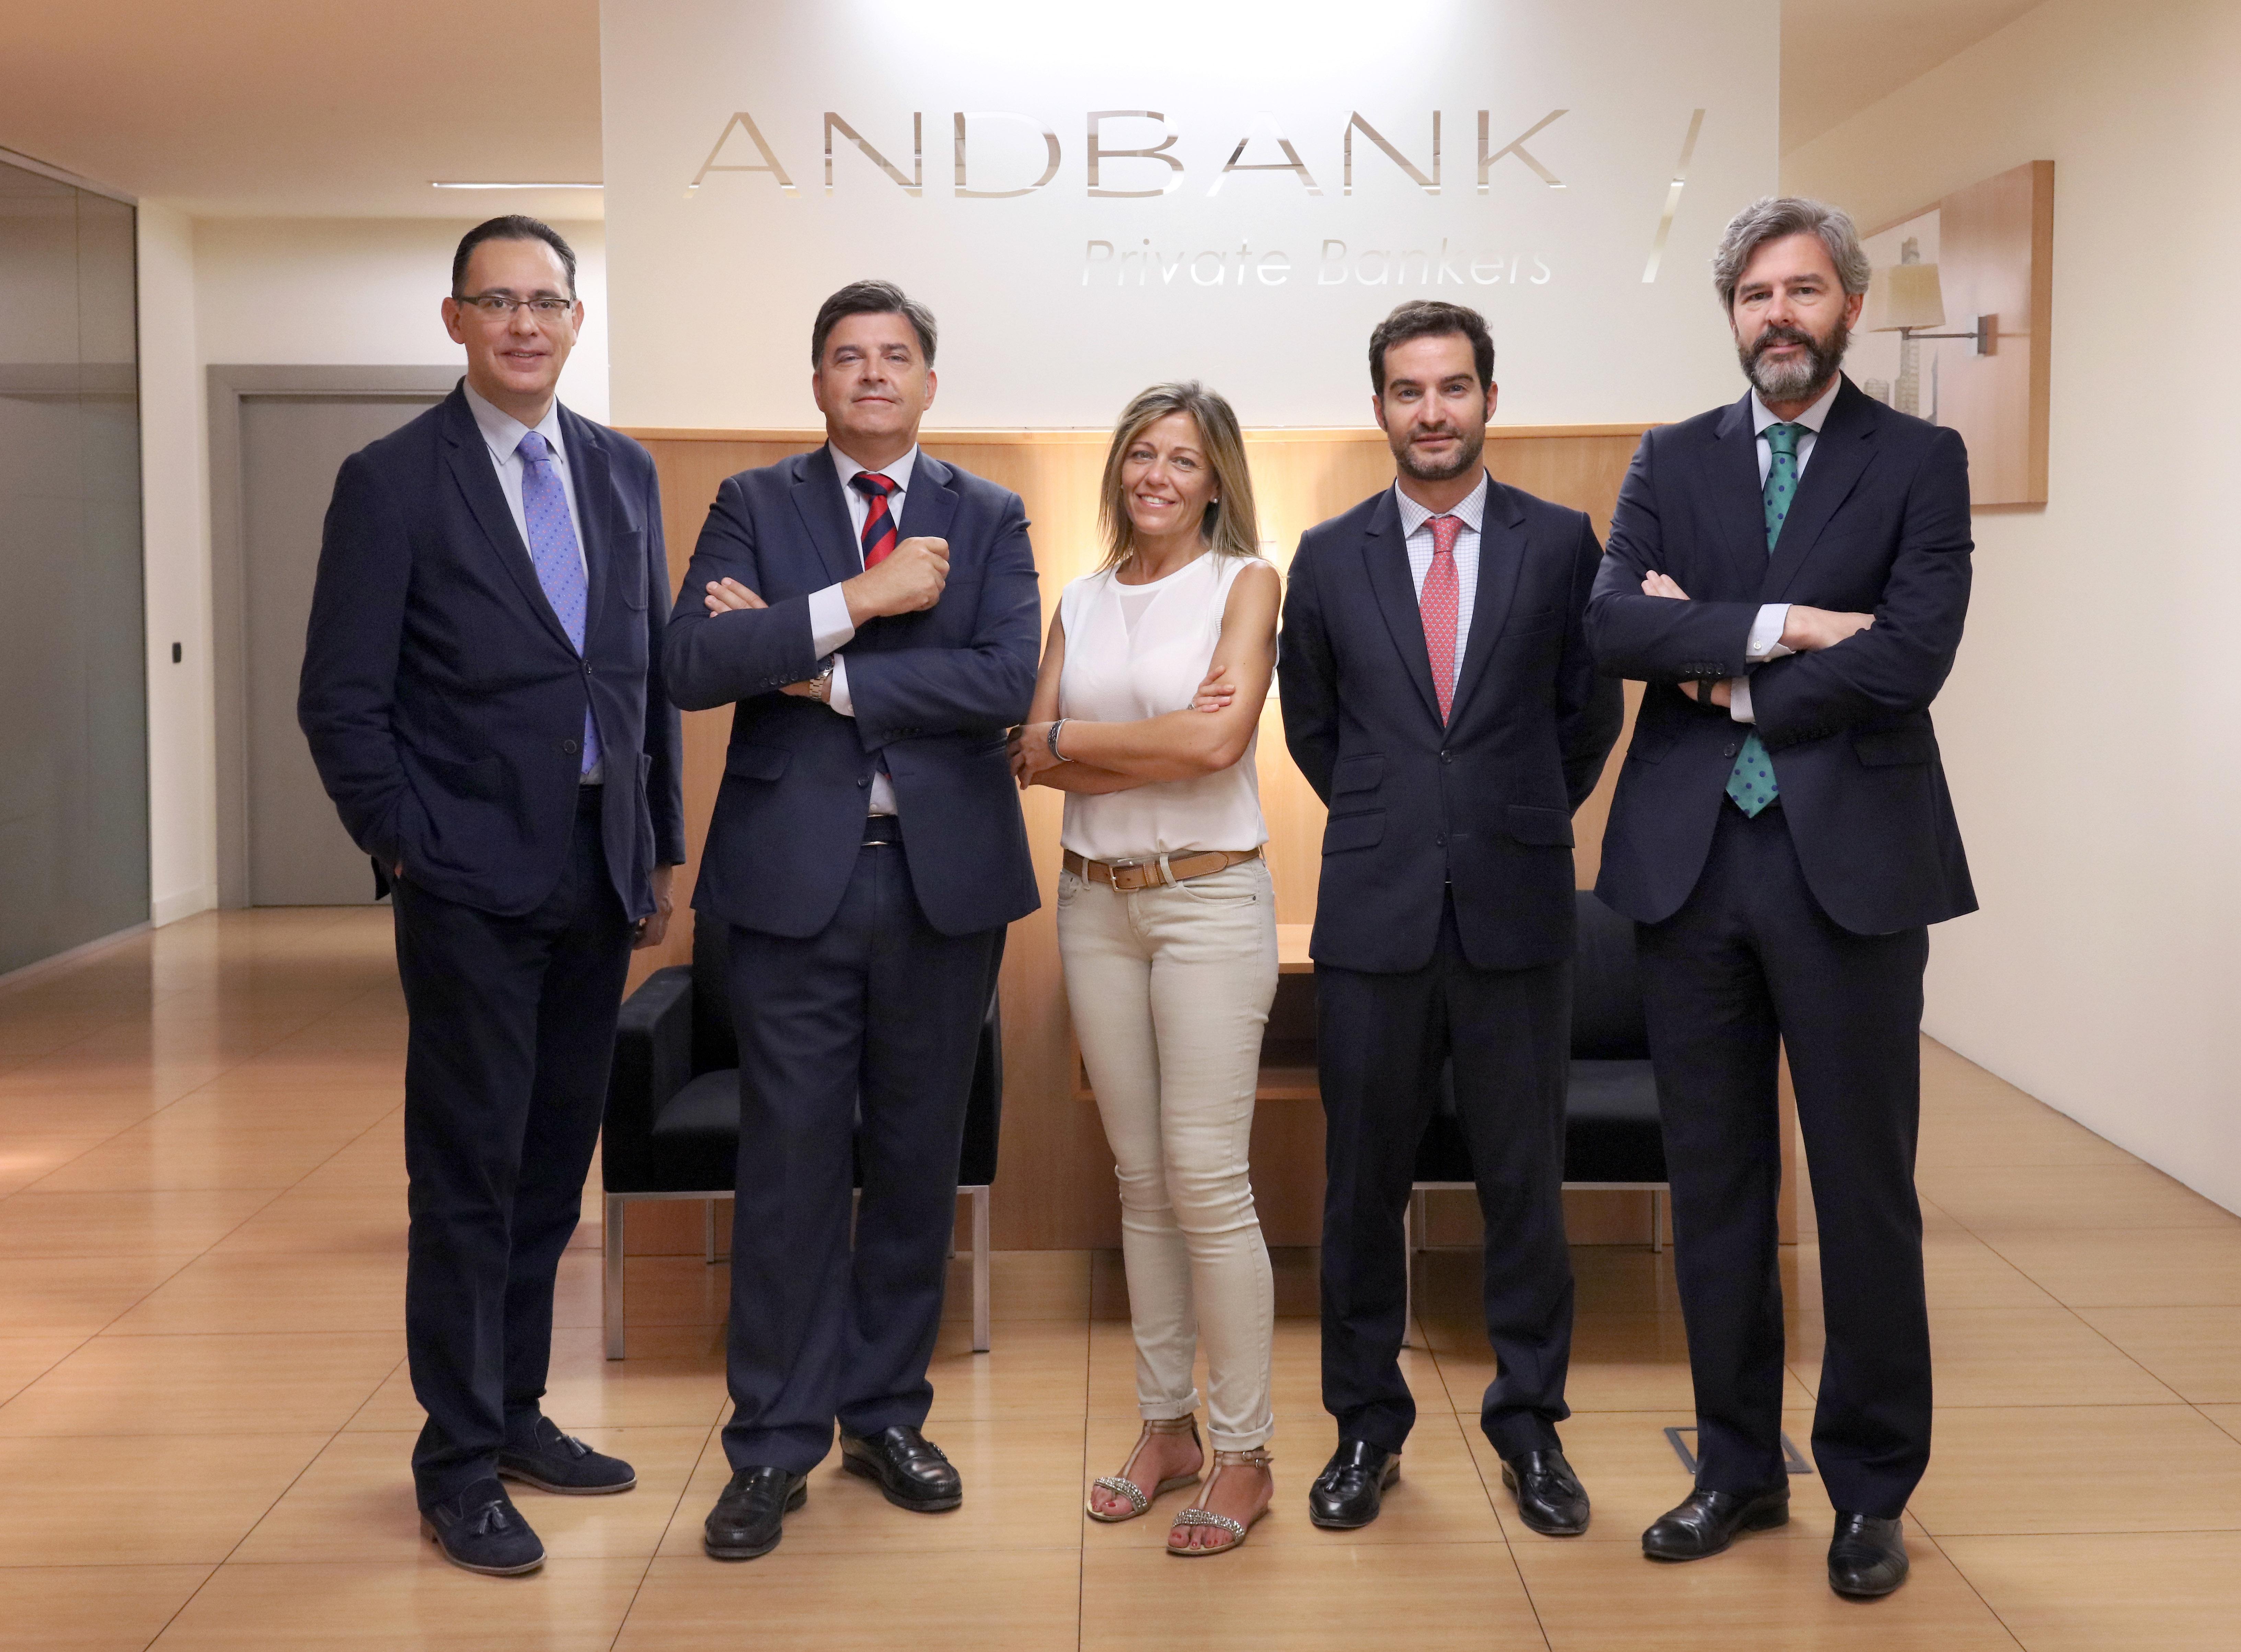 Nuevo espacio de coworking para agentes financieros